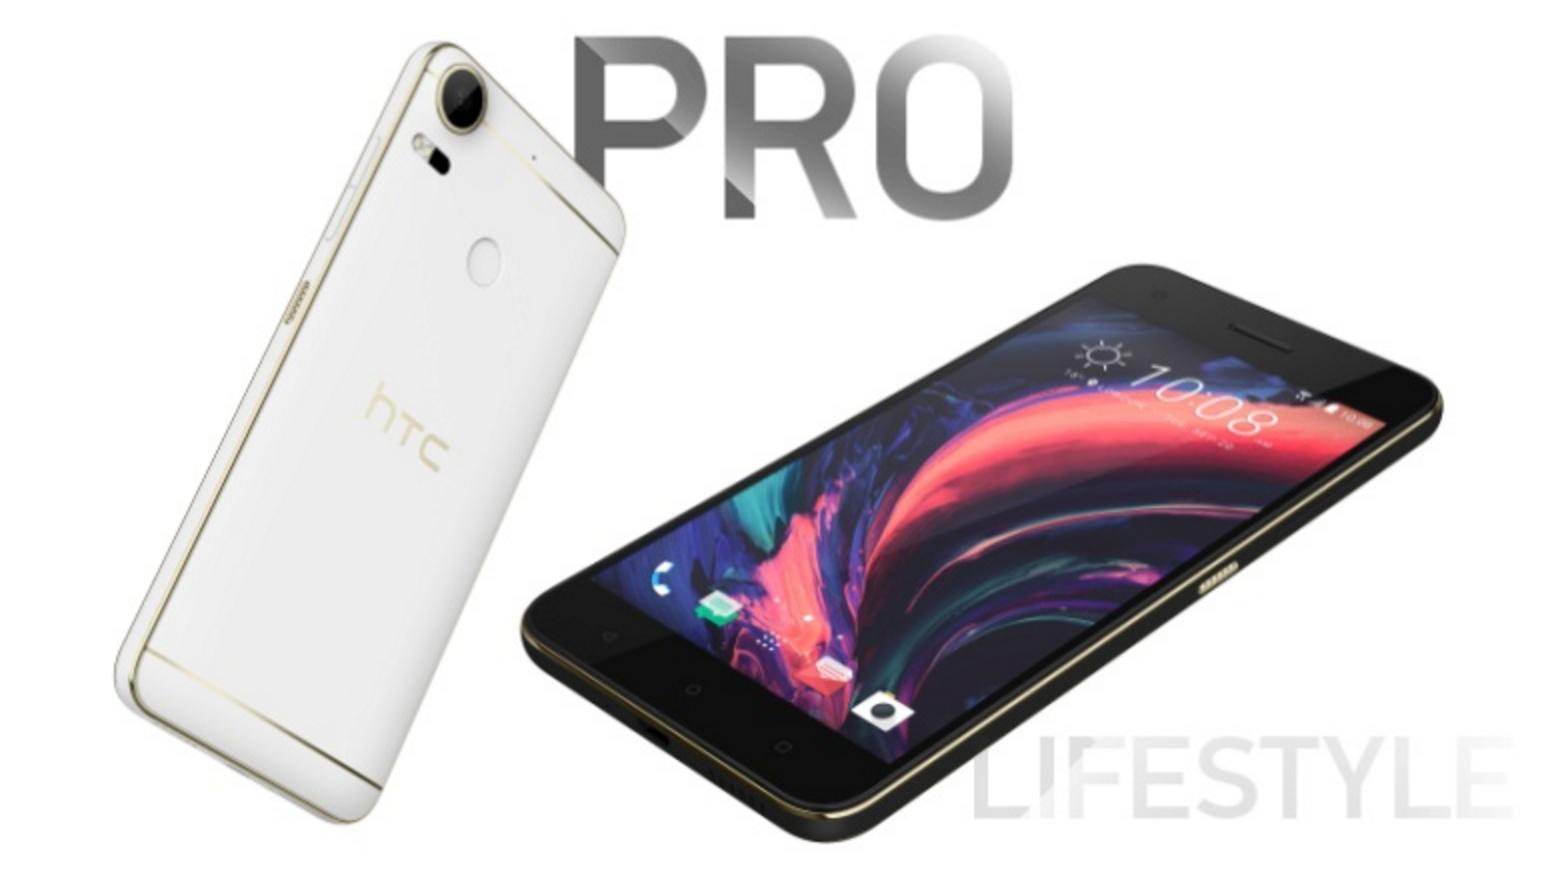 HTC Desire 10 Lifestyle e Pro ufficiali: due eleganti novità di fascia media